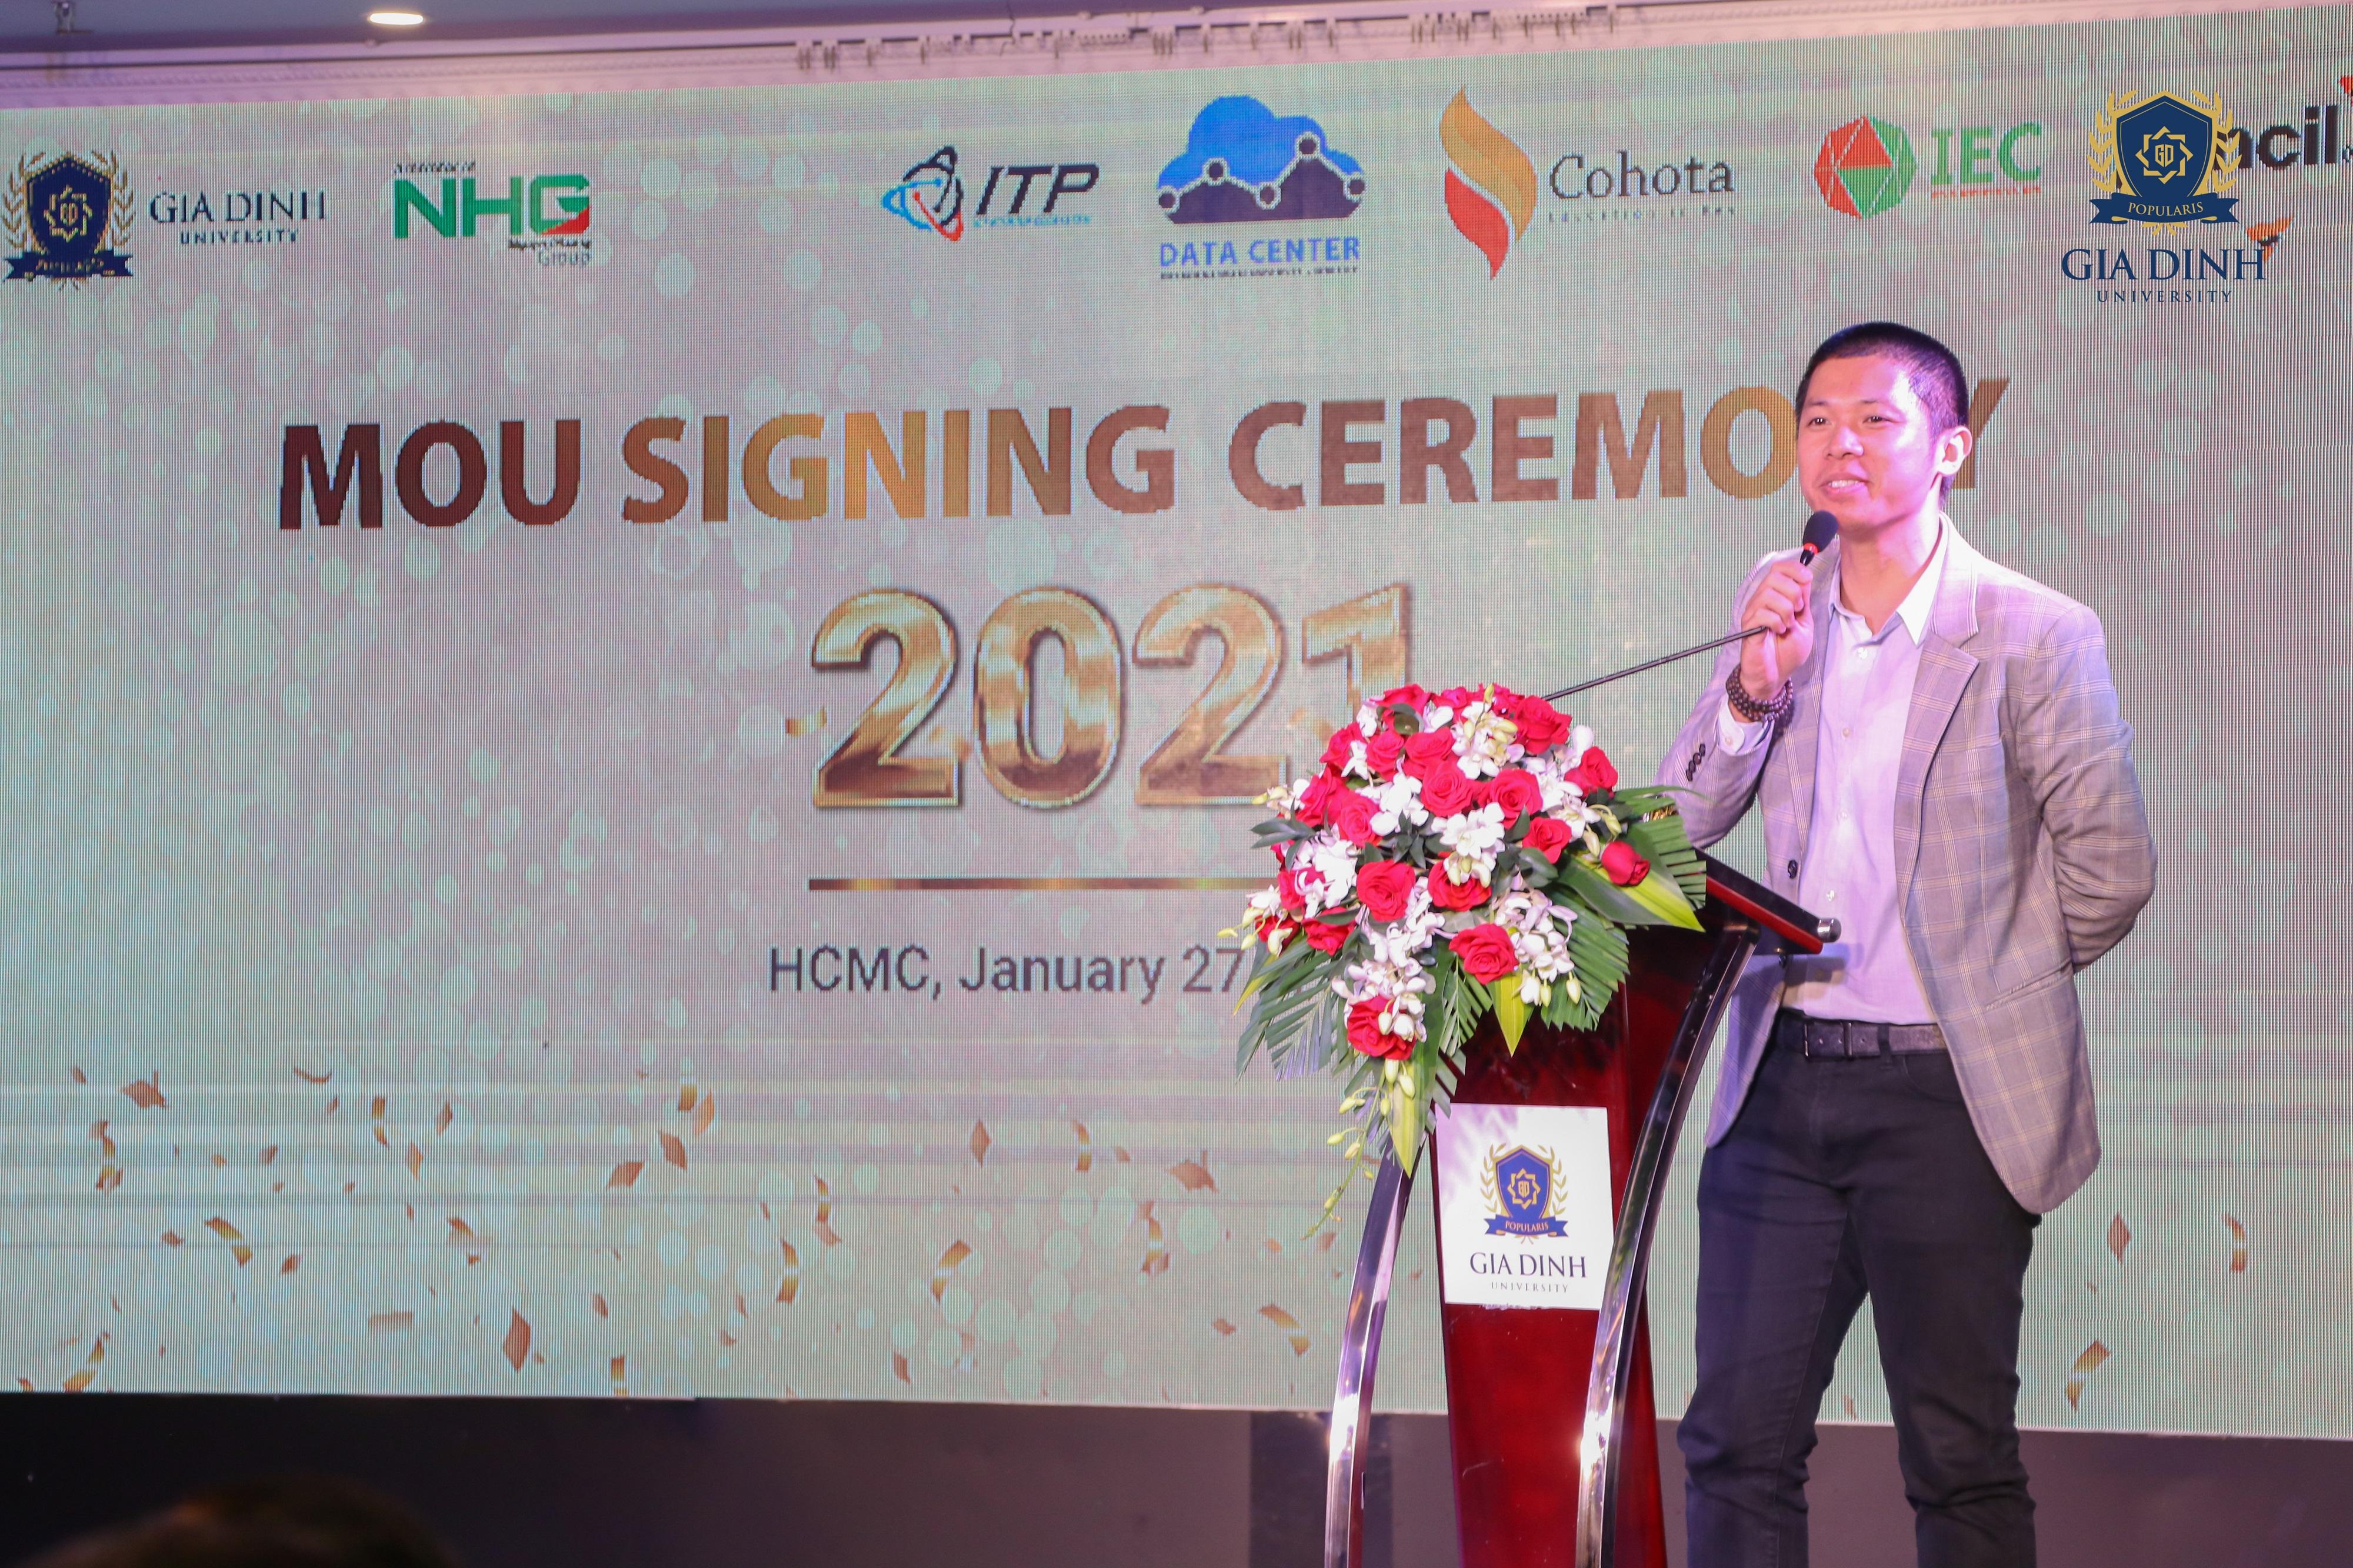 IMG 6284 Trường Đại học Gia Định (GDU) ký kết hợp tác đào tạo với công ty Pencil Group